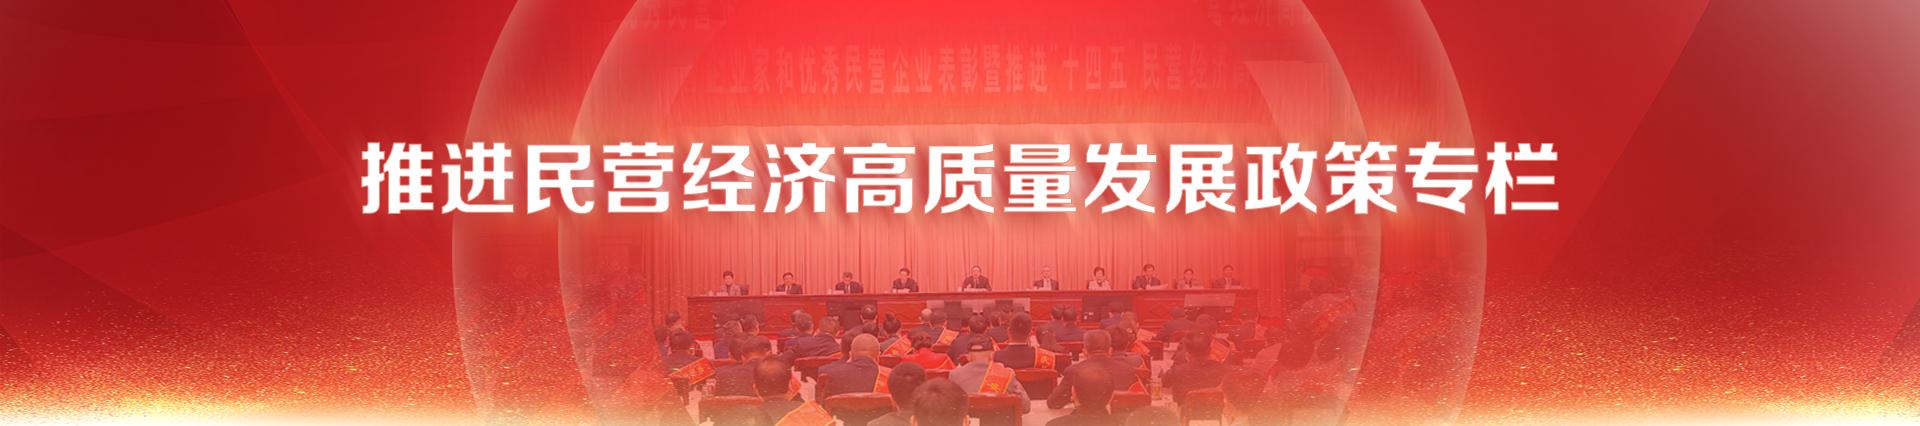 阜陽市推進民營經濟高質量發展政策專欄